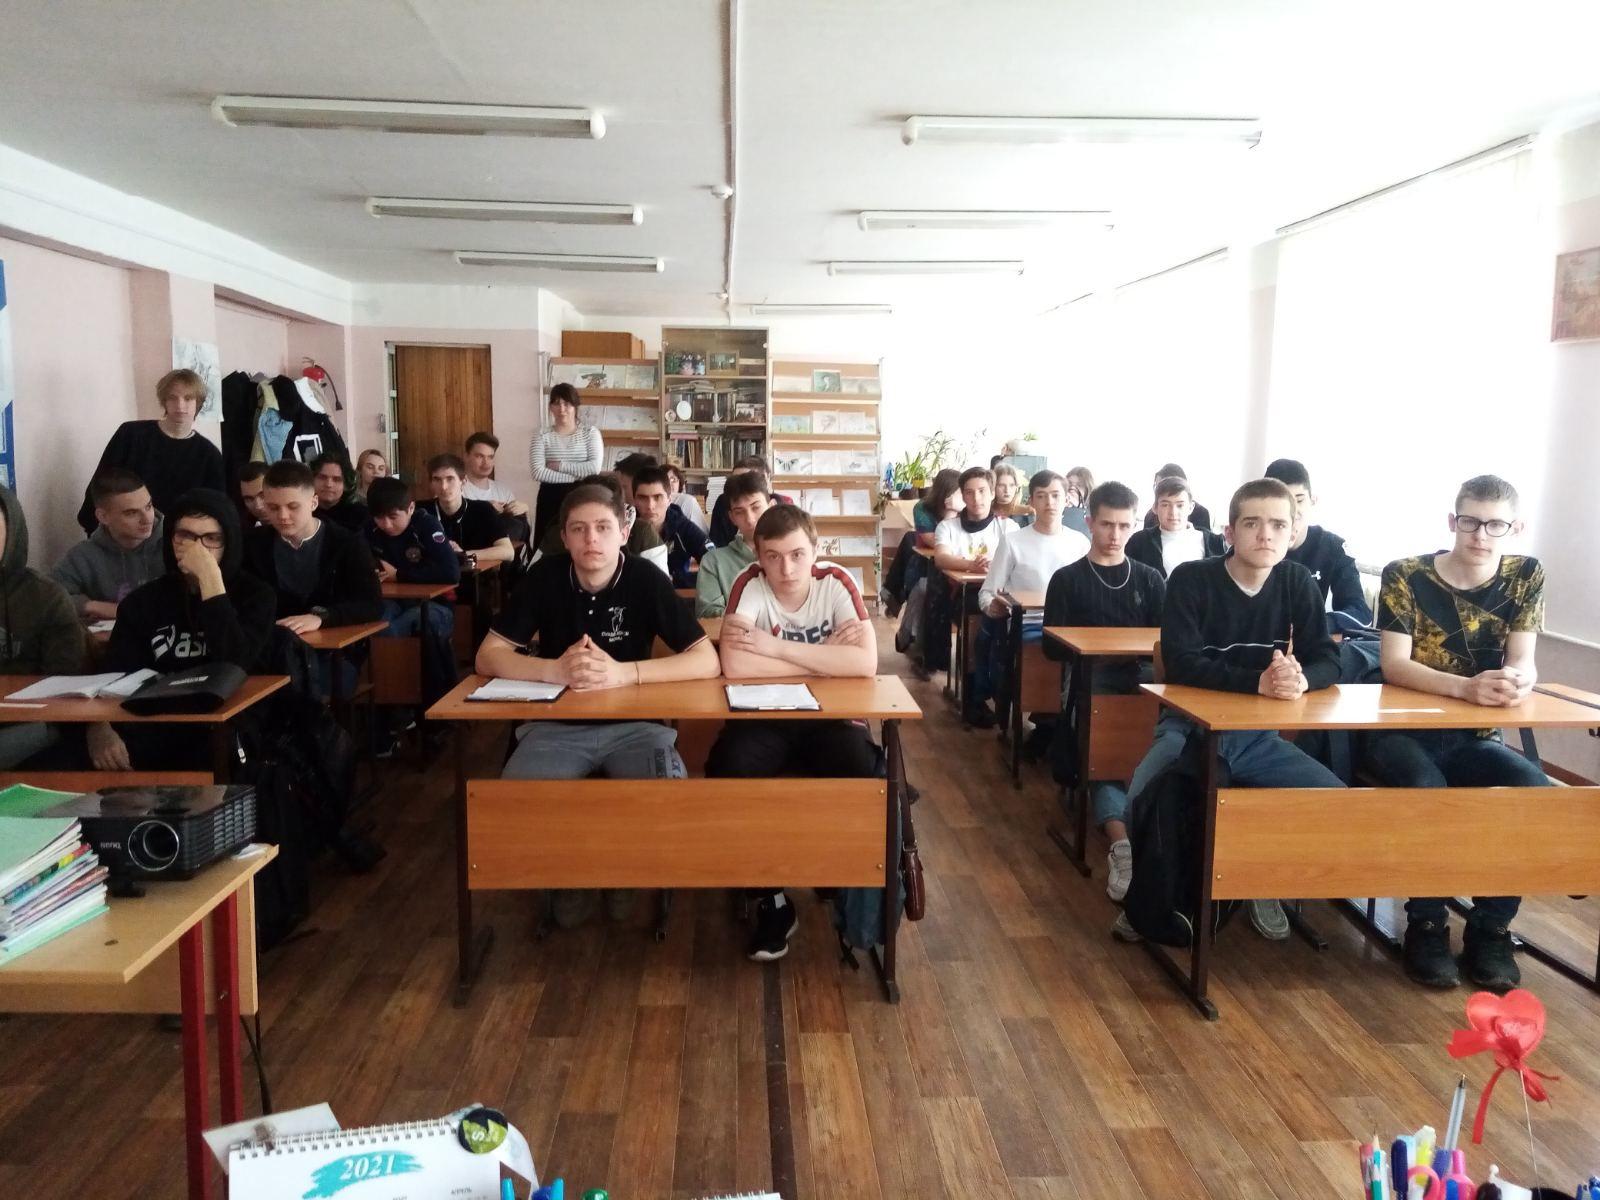 На отделении программ подготовки квалифицированных рабочих, служащих в рамках предметной недели по химии прошло мероприятие